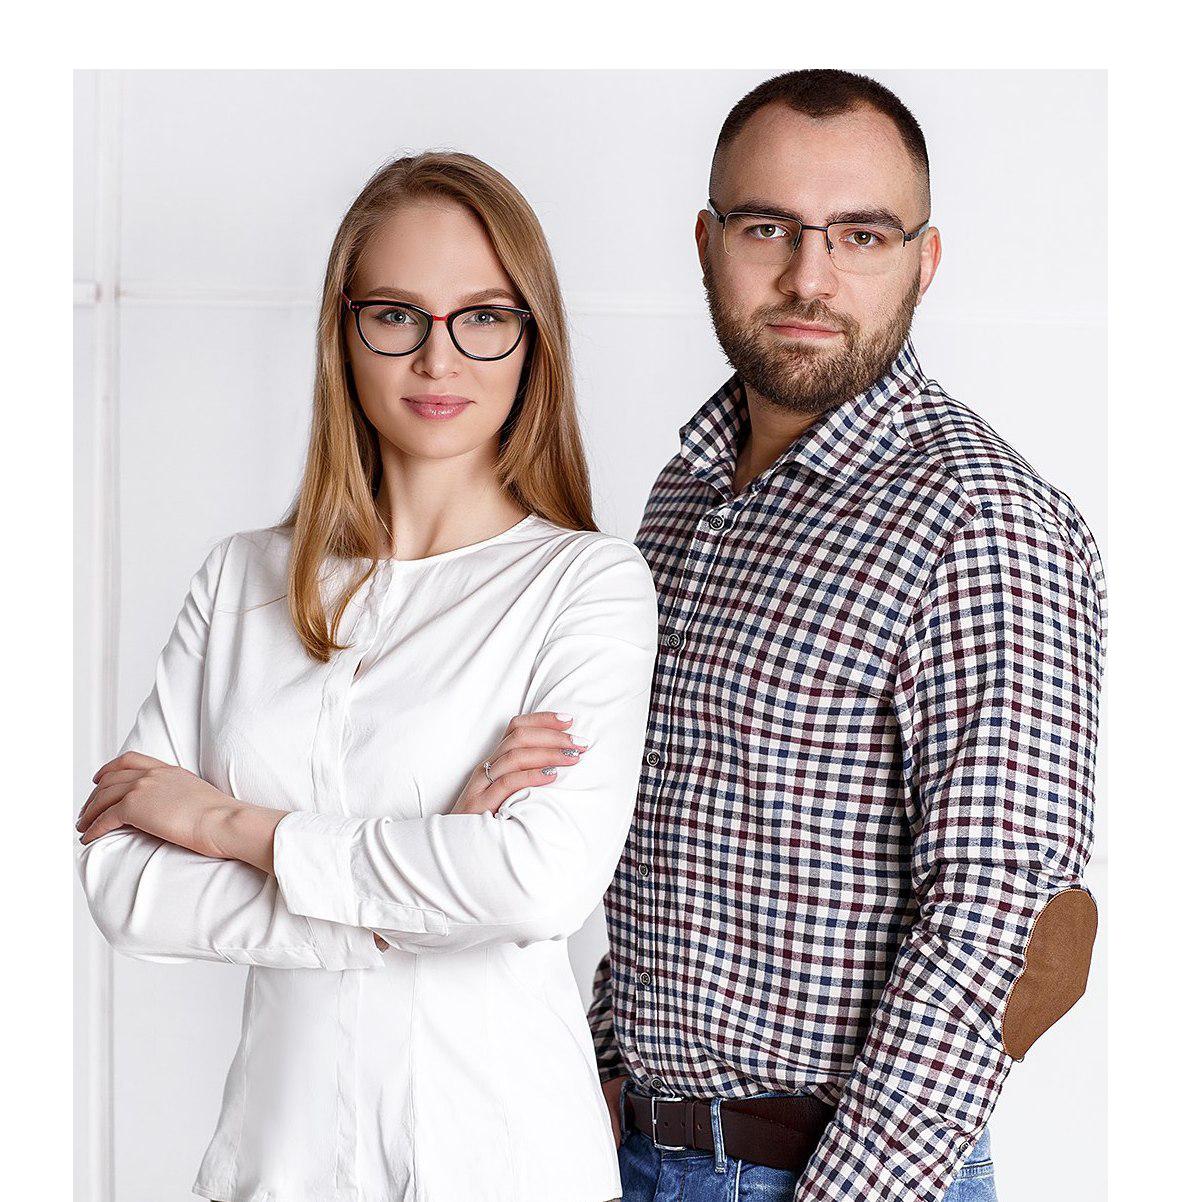 СУПЕРБОСС СТУДИИ КРАСОТЫ